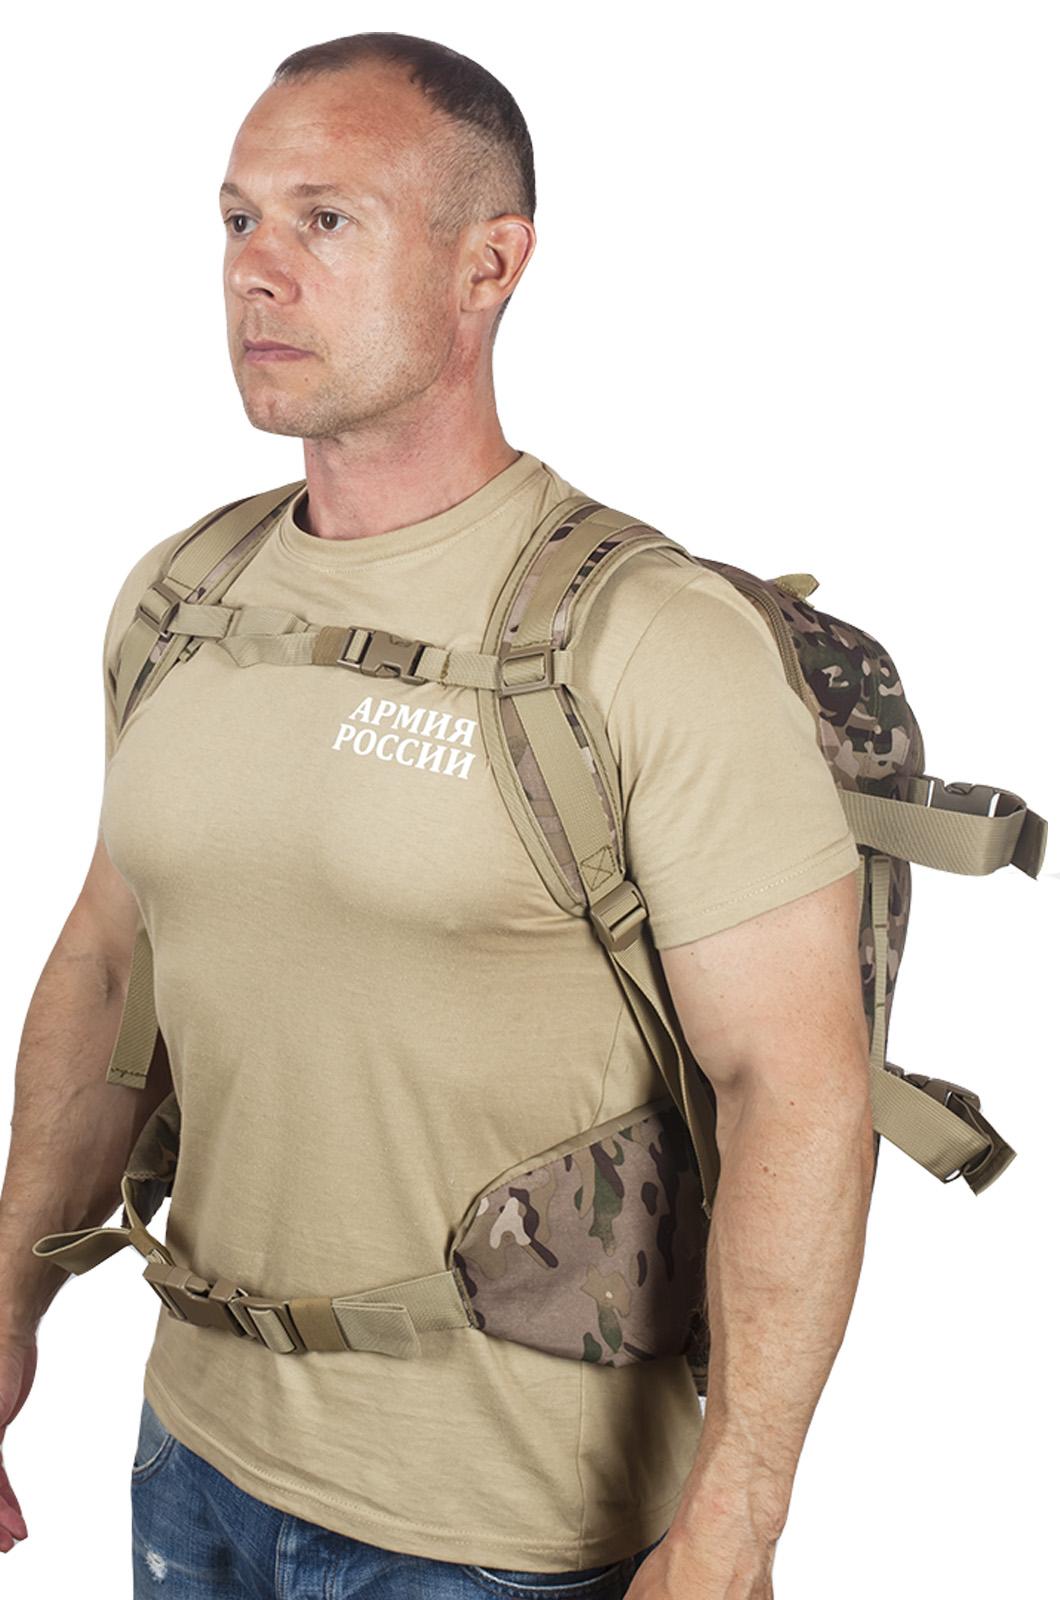 Крутой камуфляжный рюкзак с нашивкой Лучший Охотник - купить онлайн